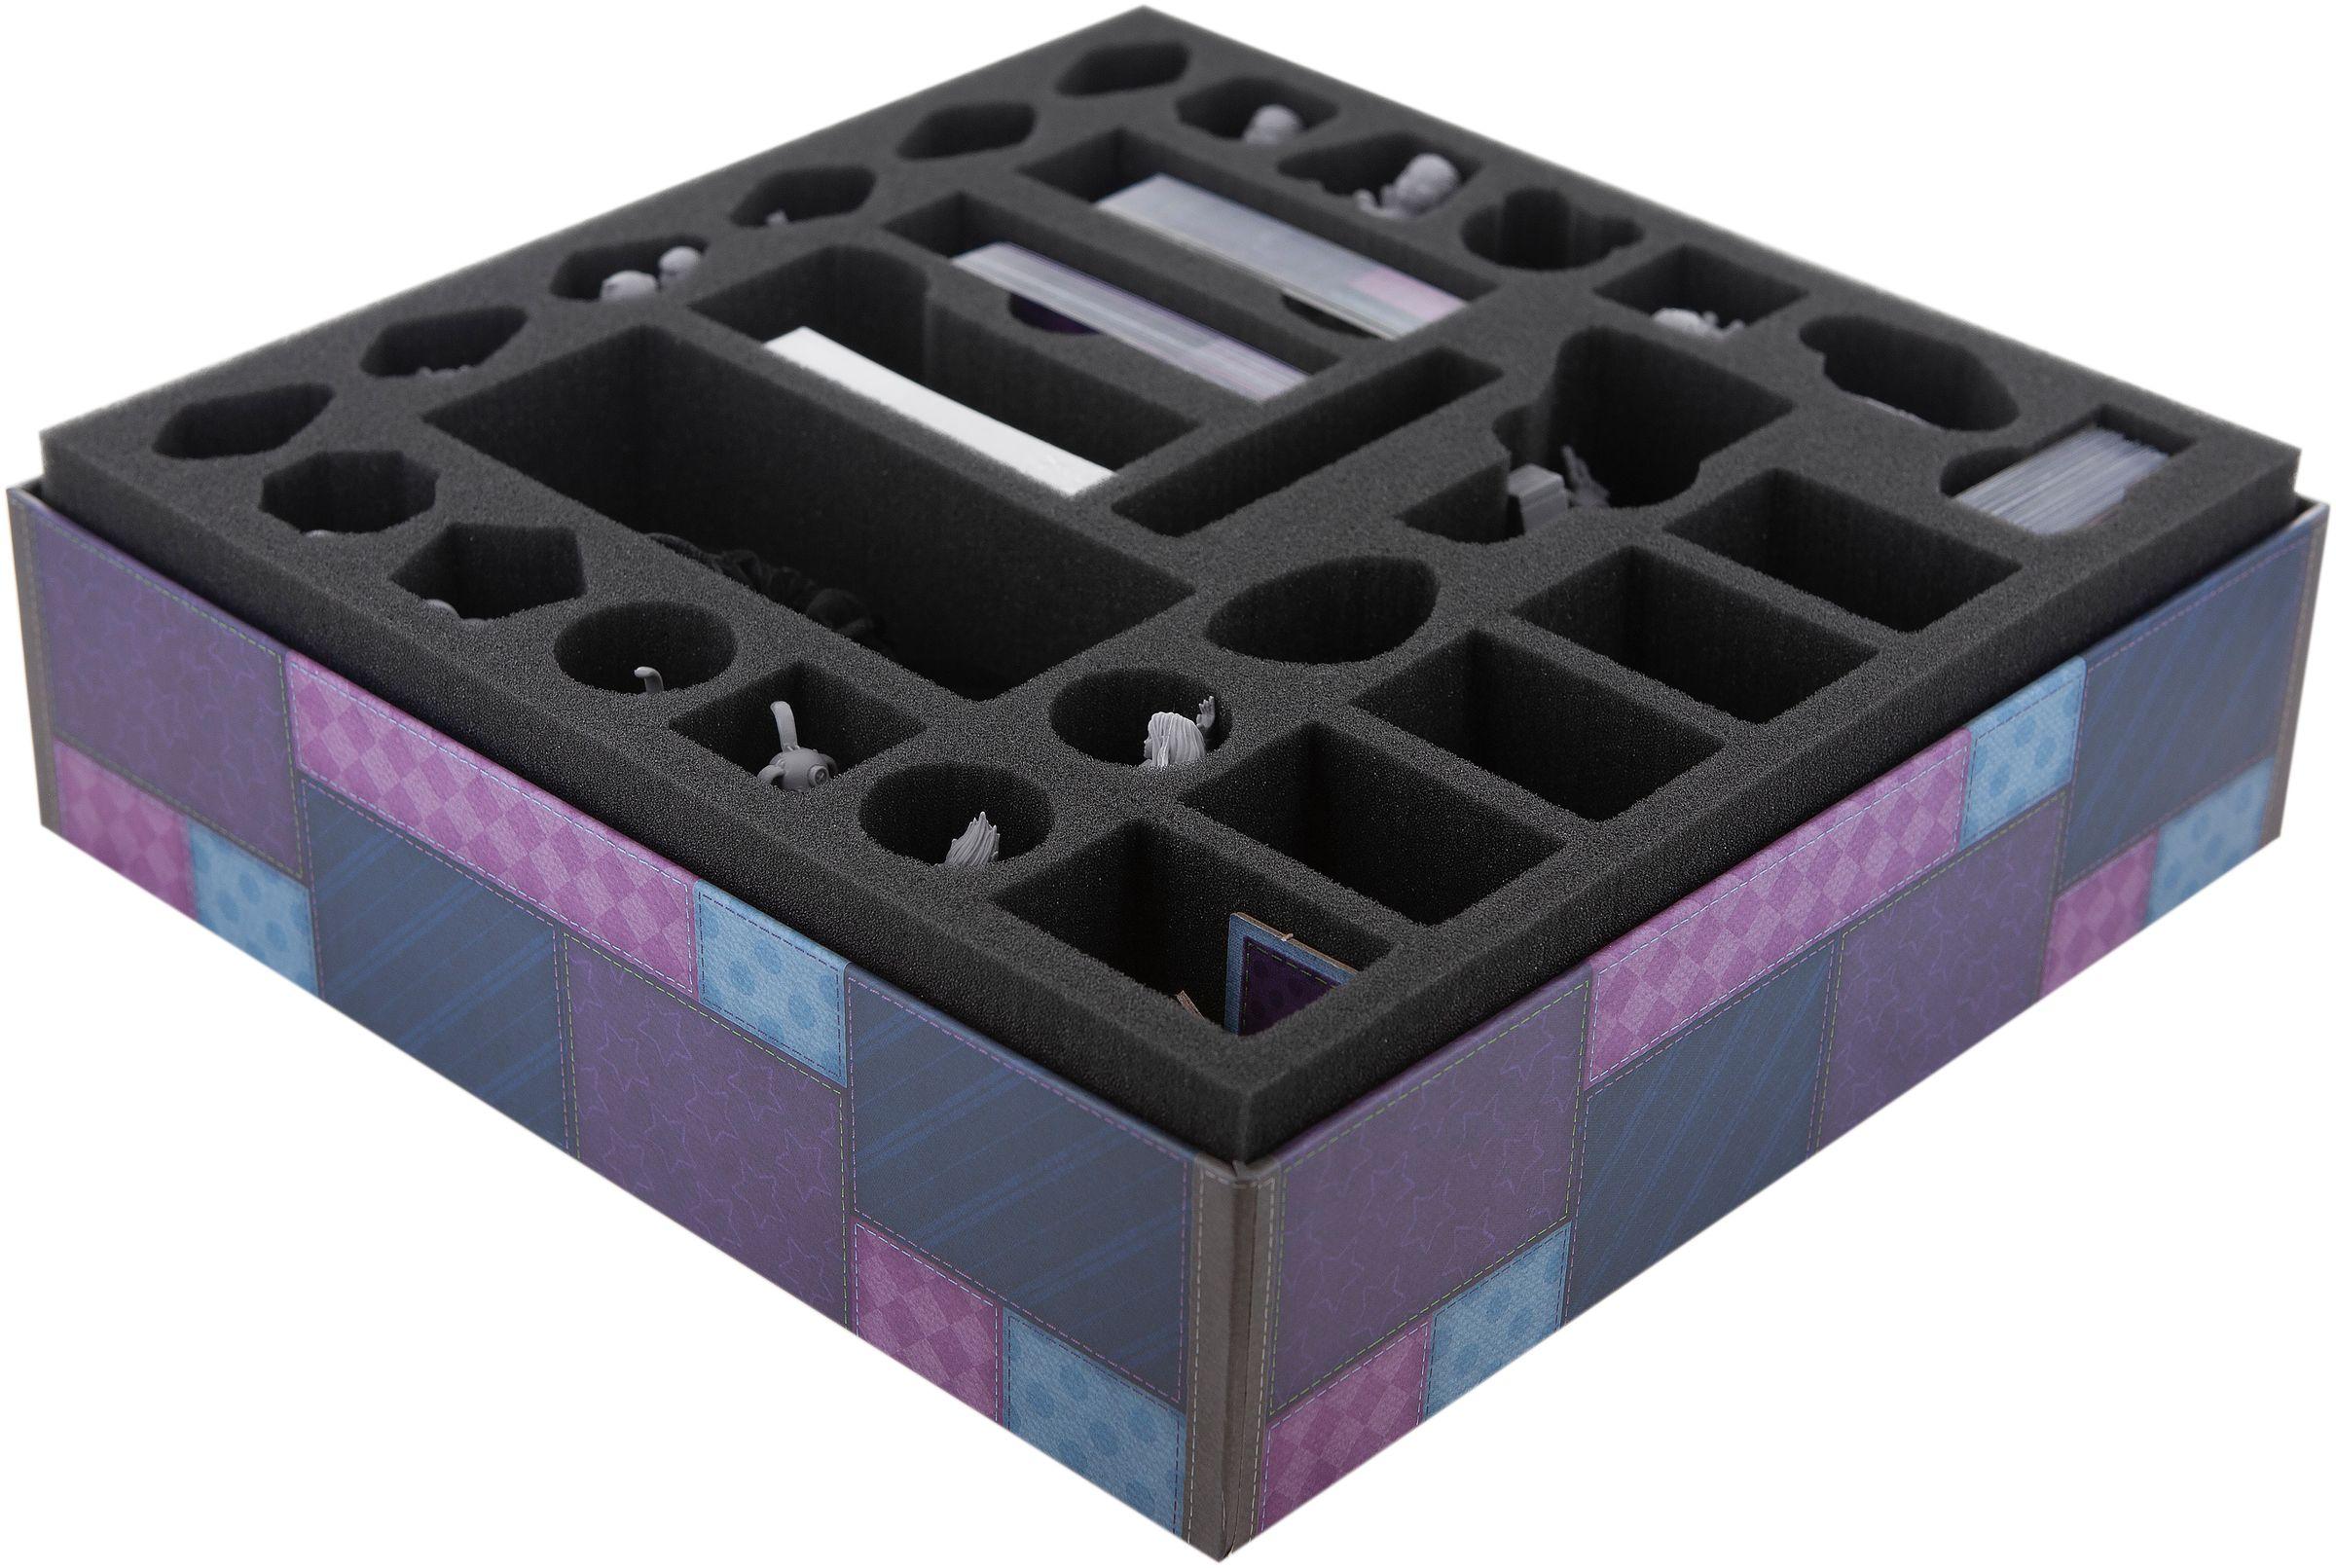 Feldherr foam tray set for Stuffed Fables board game box